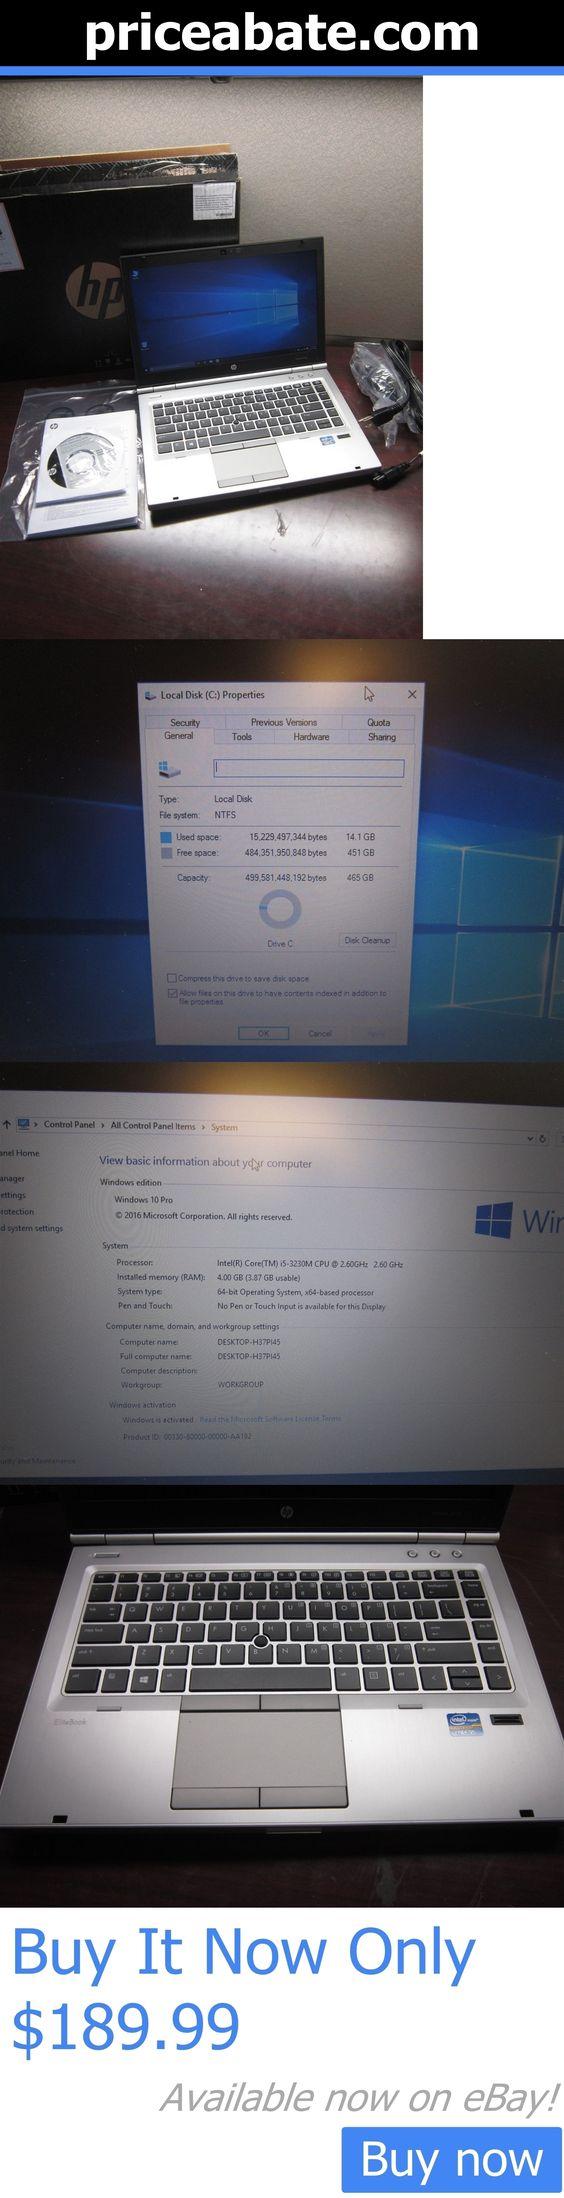 general for sale: Hp Elitebook 8470P 14 Laptop Intel Core I5 3Rd Gen 2.6Ghz 4Gb Ram 500Gb Hdd W10 BUY IT NOW ONLY: $189.99 #priceabategeneralforsale OR #priceabate